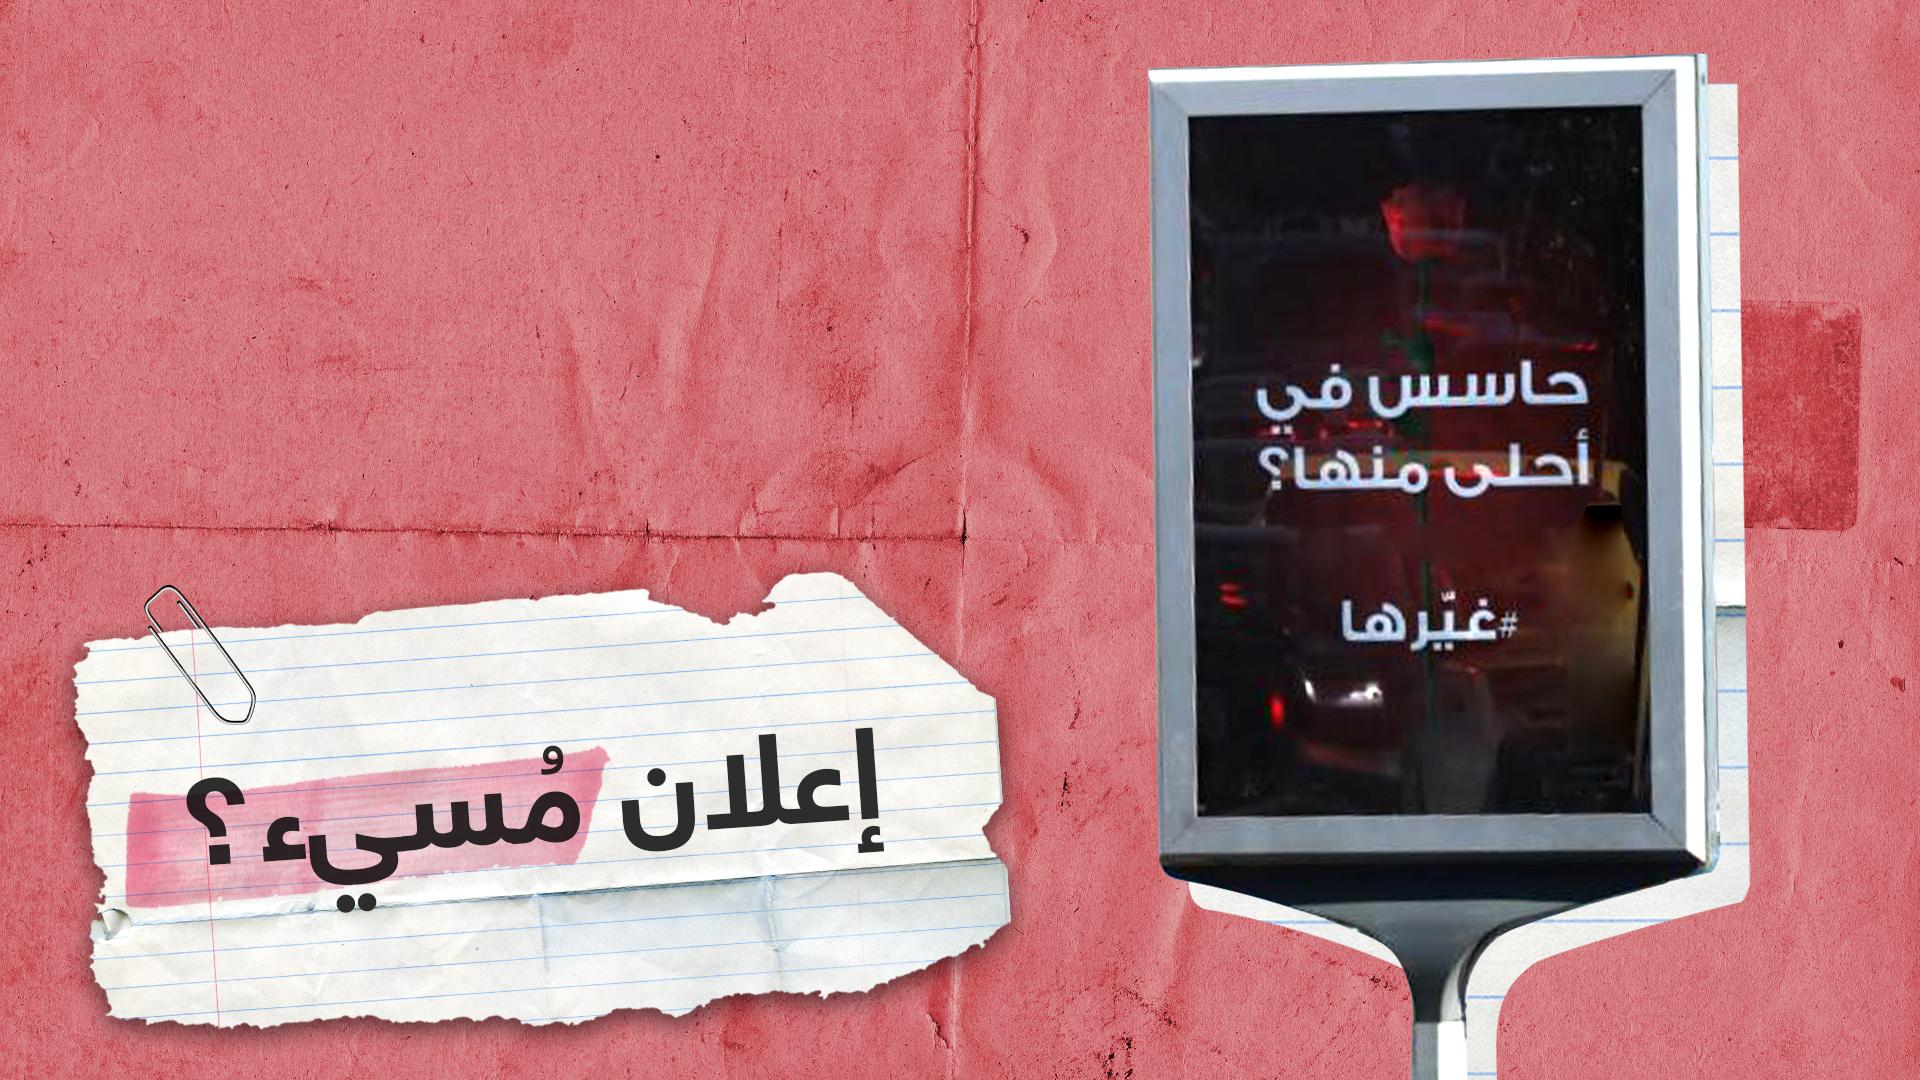 حملة إعلانية تثير جدلا في الأردن